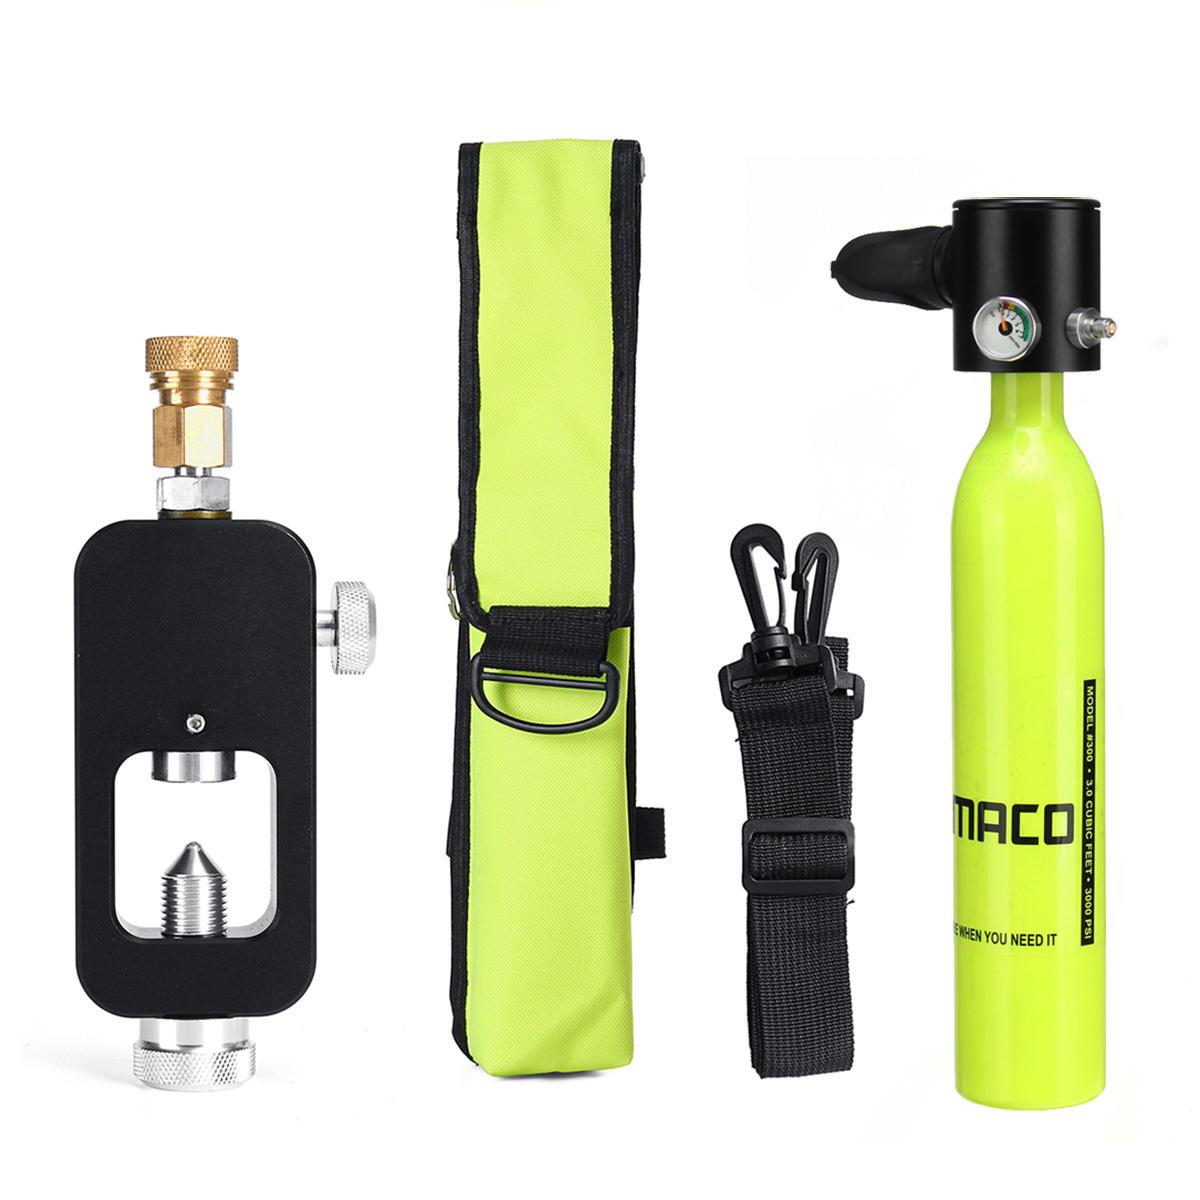 SMACO 0.5Lスキューバ酸素シリンダー水中ダイビングセット空気酸素タンクW /アダプター&収納バッグ